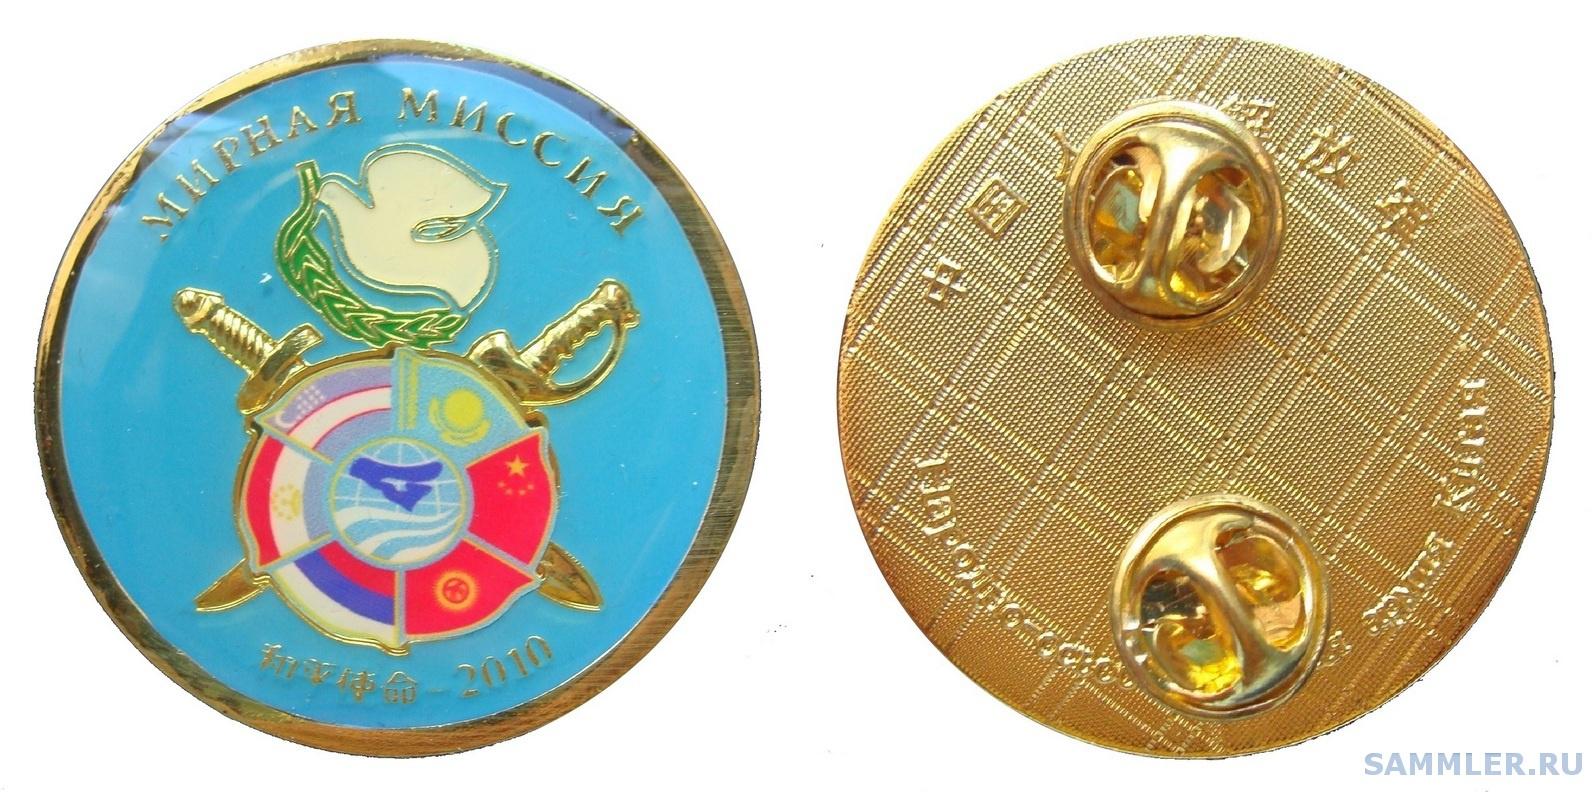 Знак Мирная Миссия 2010 #152582.JPG